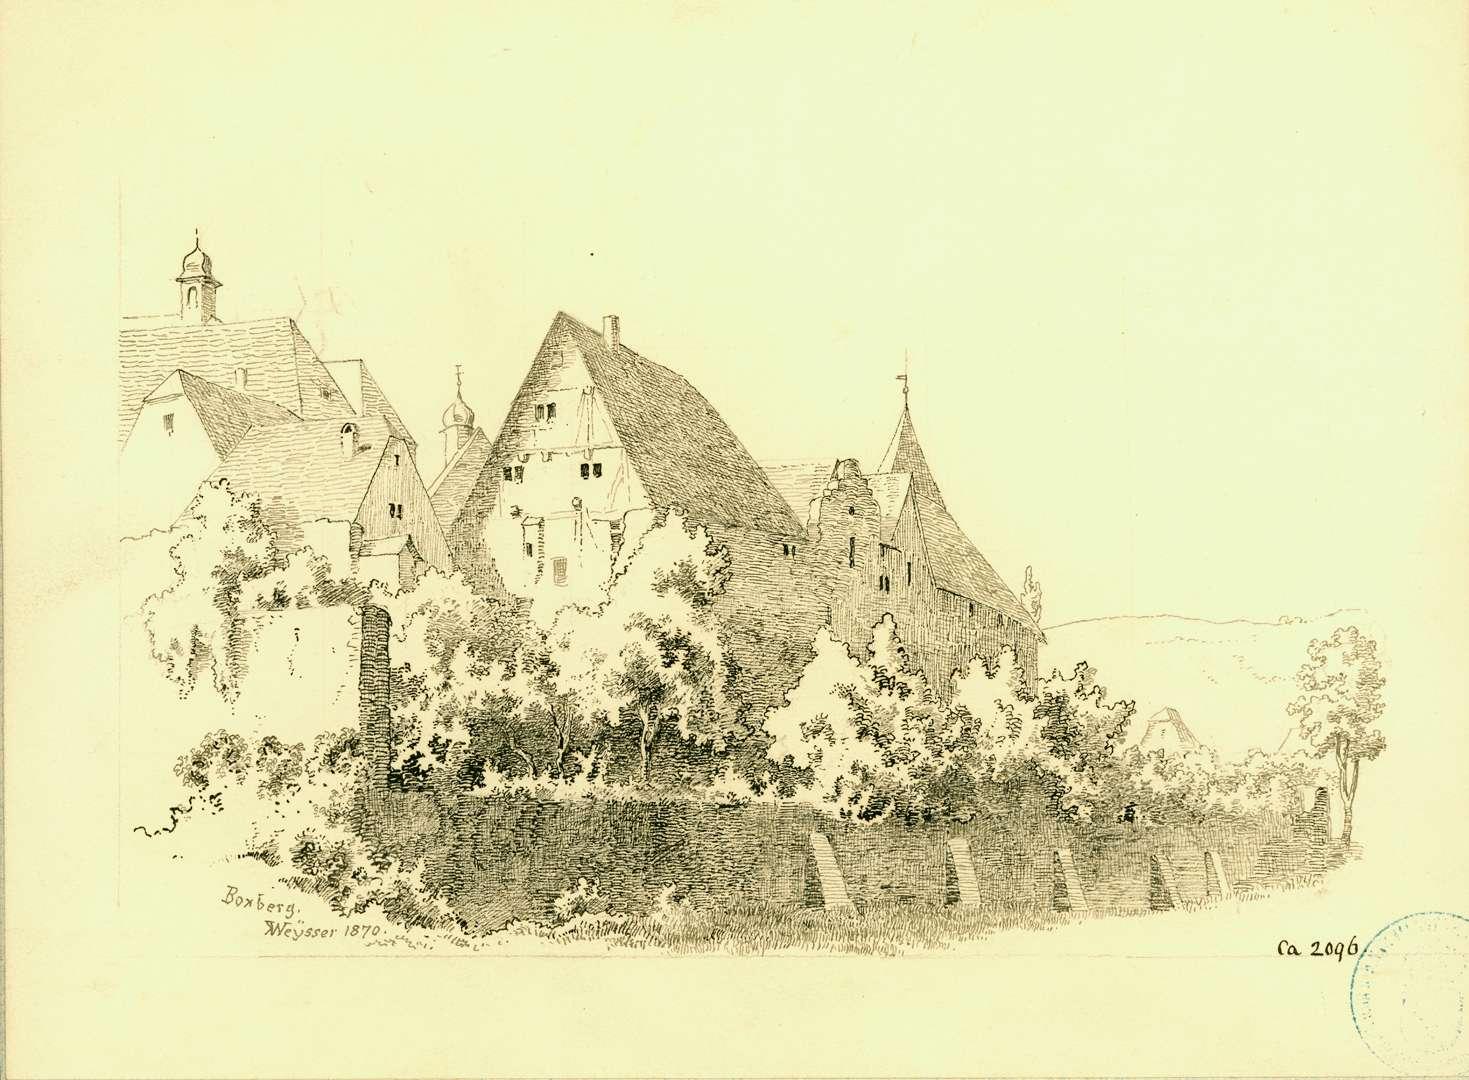 Boxberg Stadtansicht mit Befestigungsmauer von Westen, Bild 1